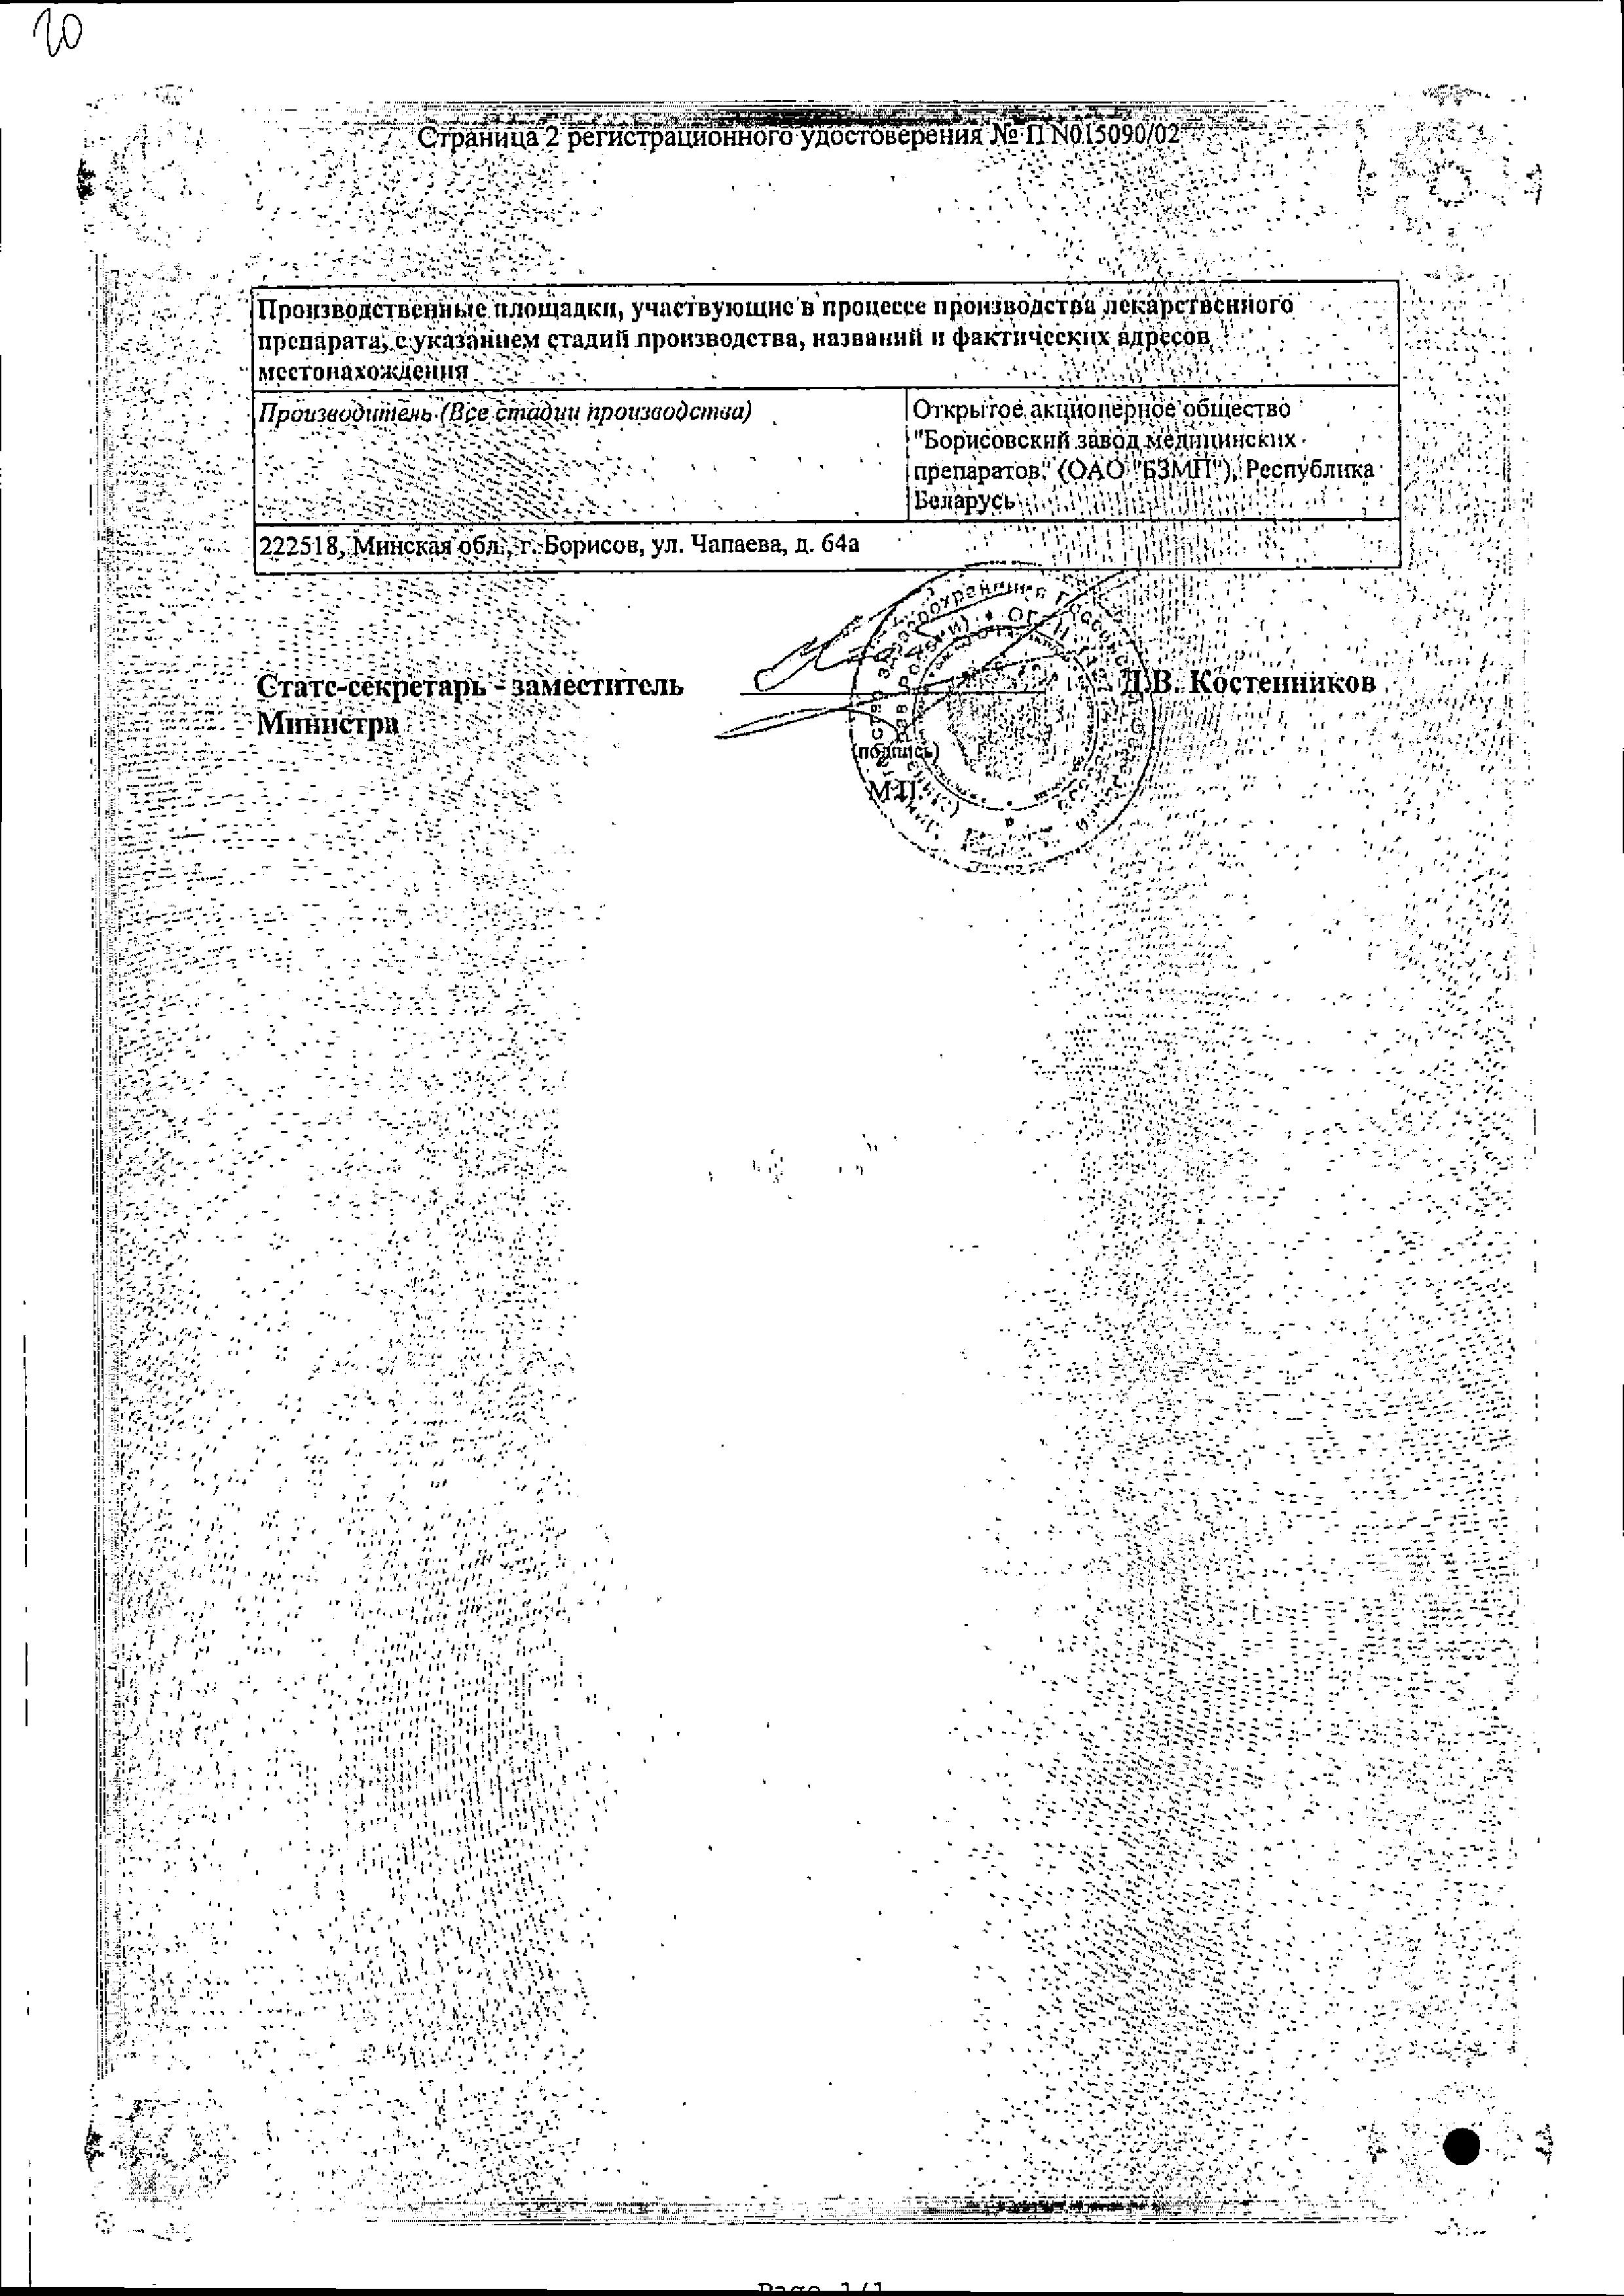 Фуросемид сертификат